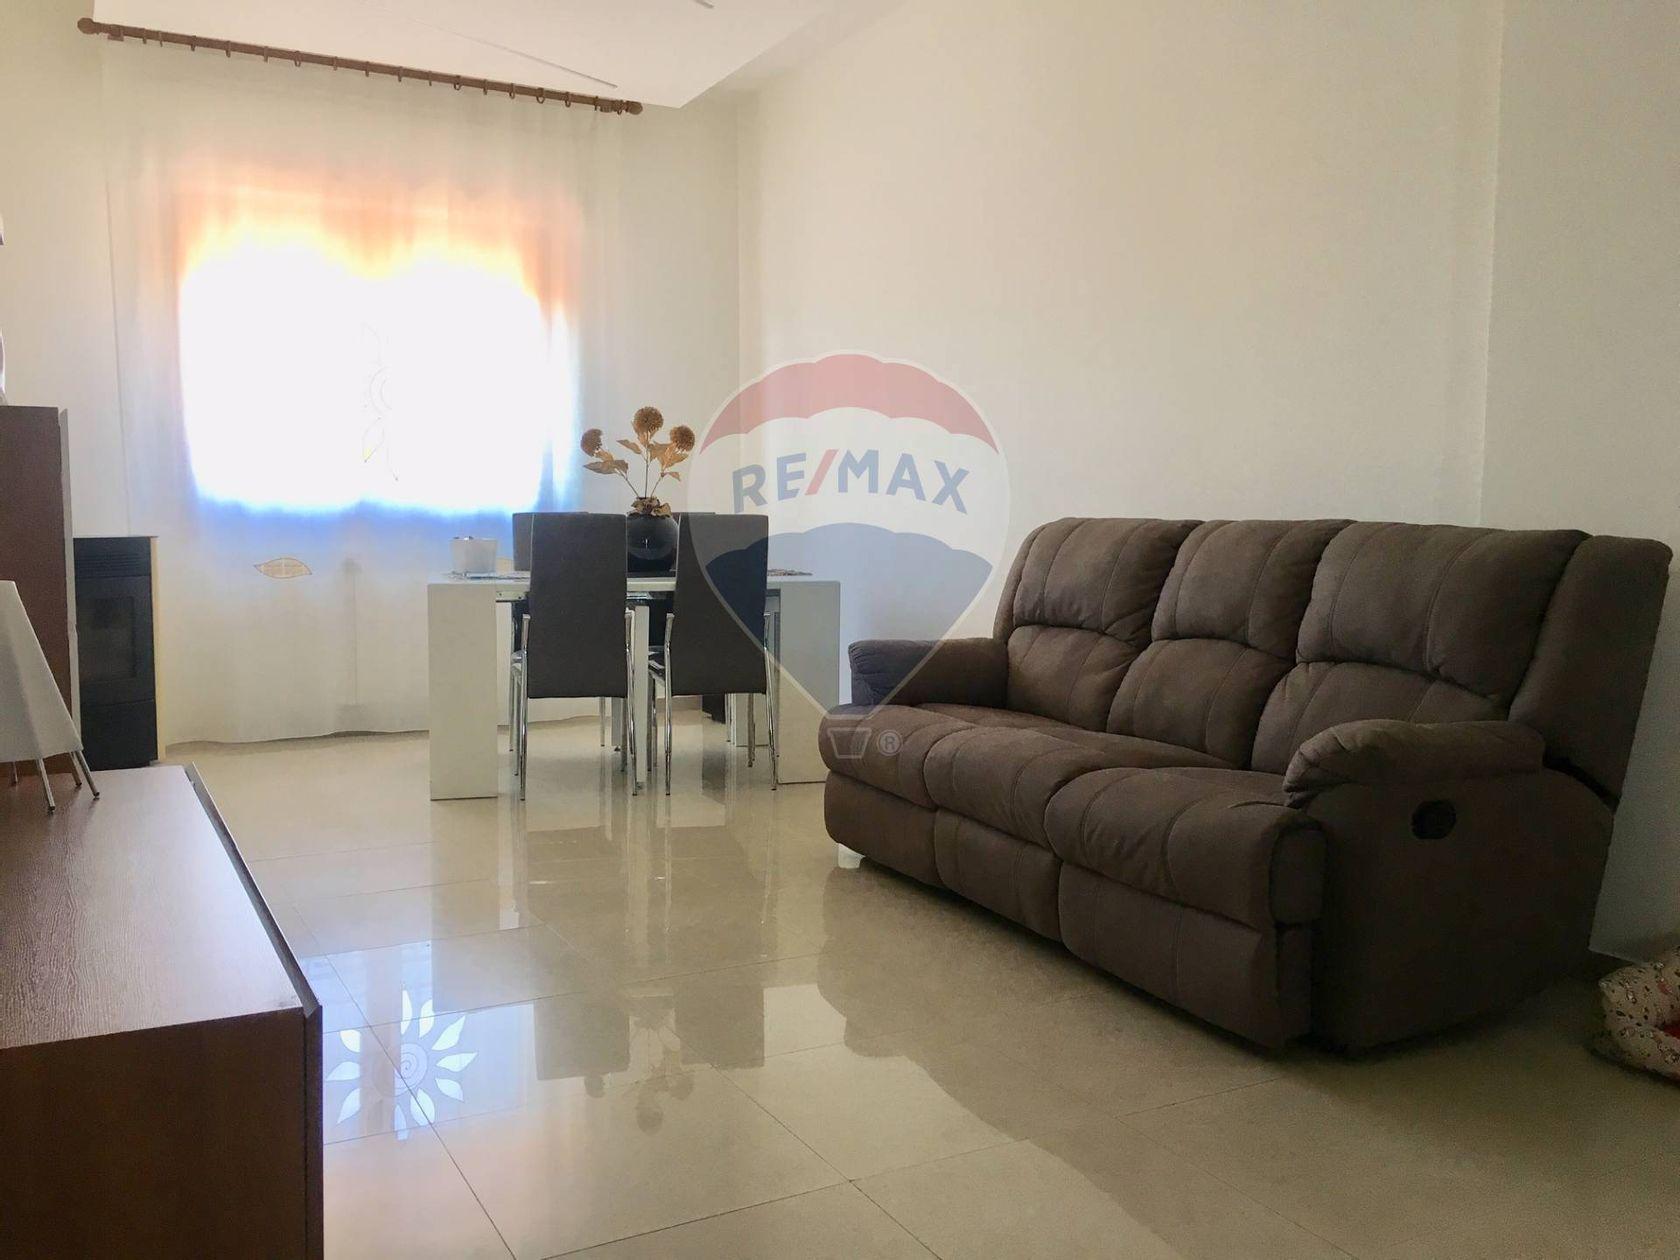 Appartamento Aversa, CE Vendita - Foto 6